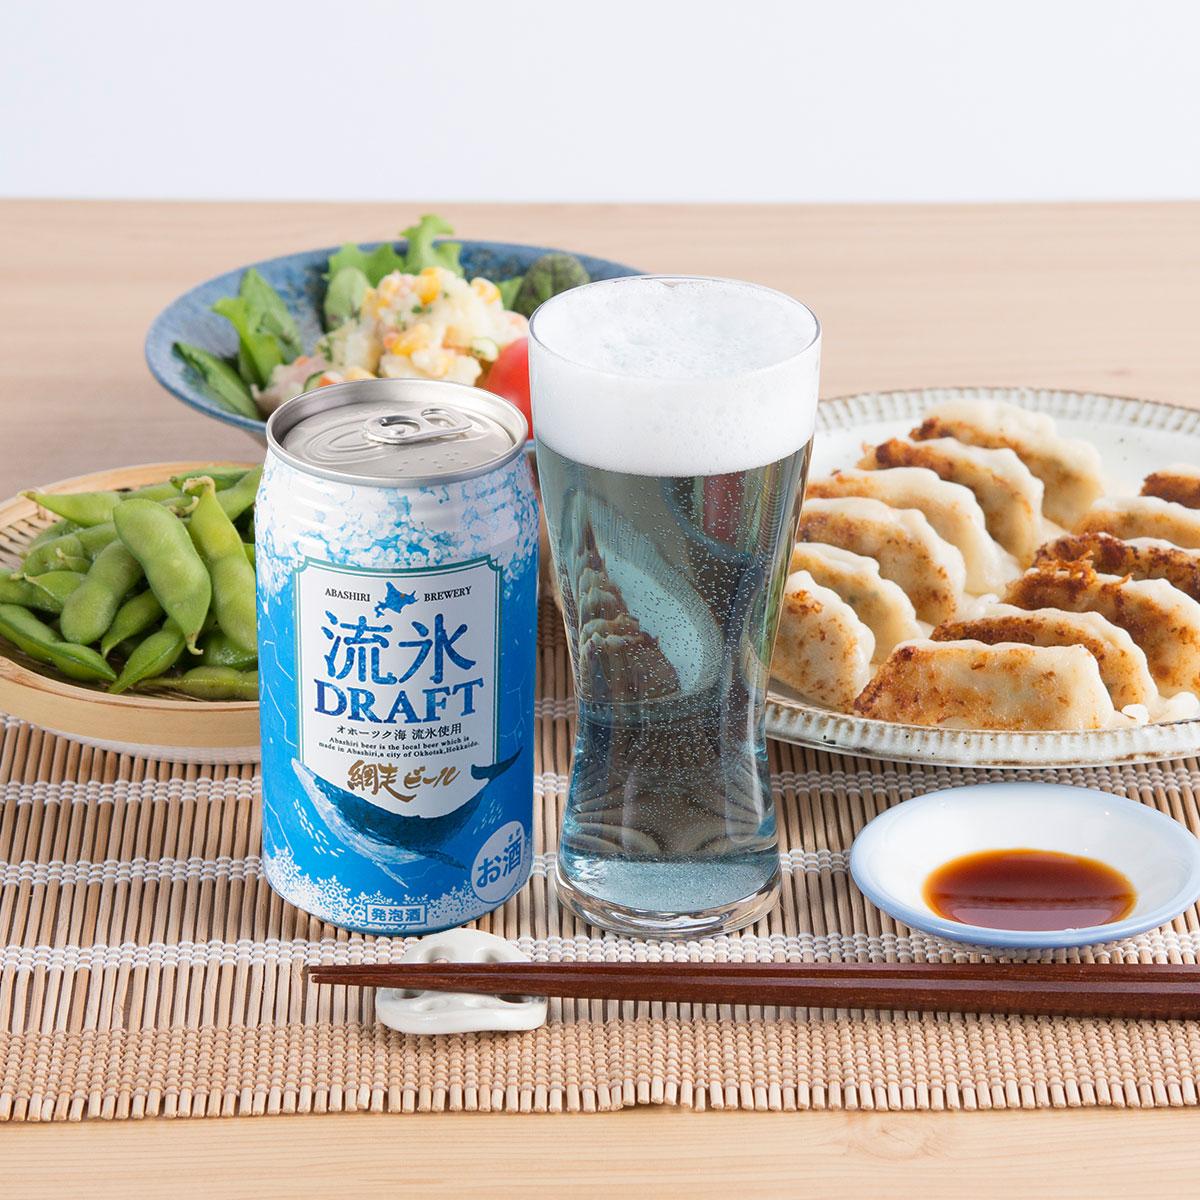 国産 地ビール 北海道網走ビール 流氷ドラフト(缶)24本セット〔350ml×24本〕【沖縄・離島 お届け不可】